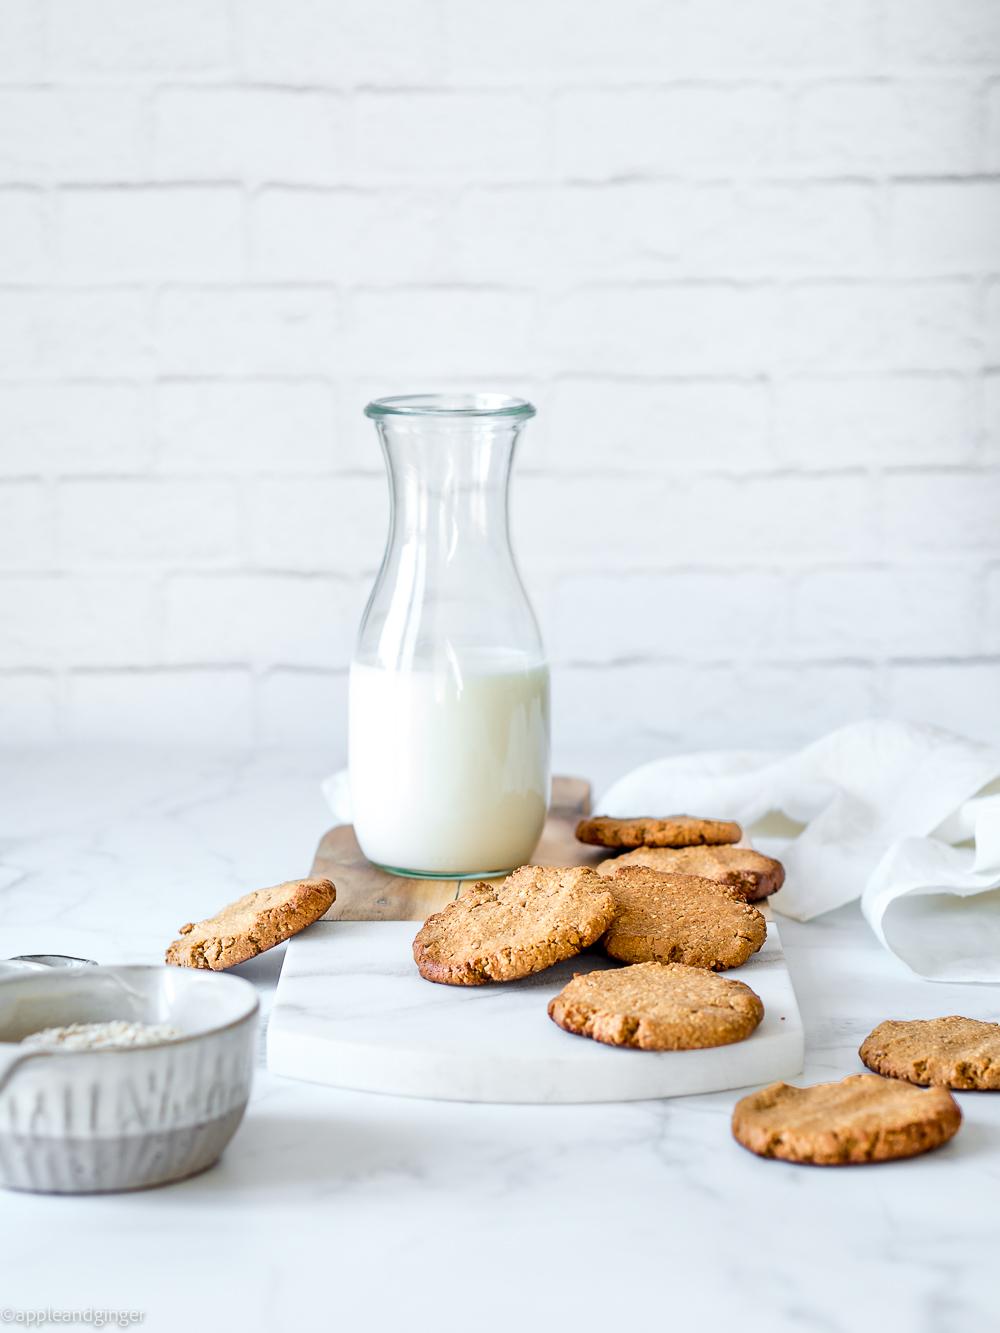 Kekse mit einer Flasche Milch